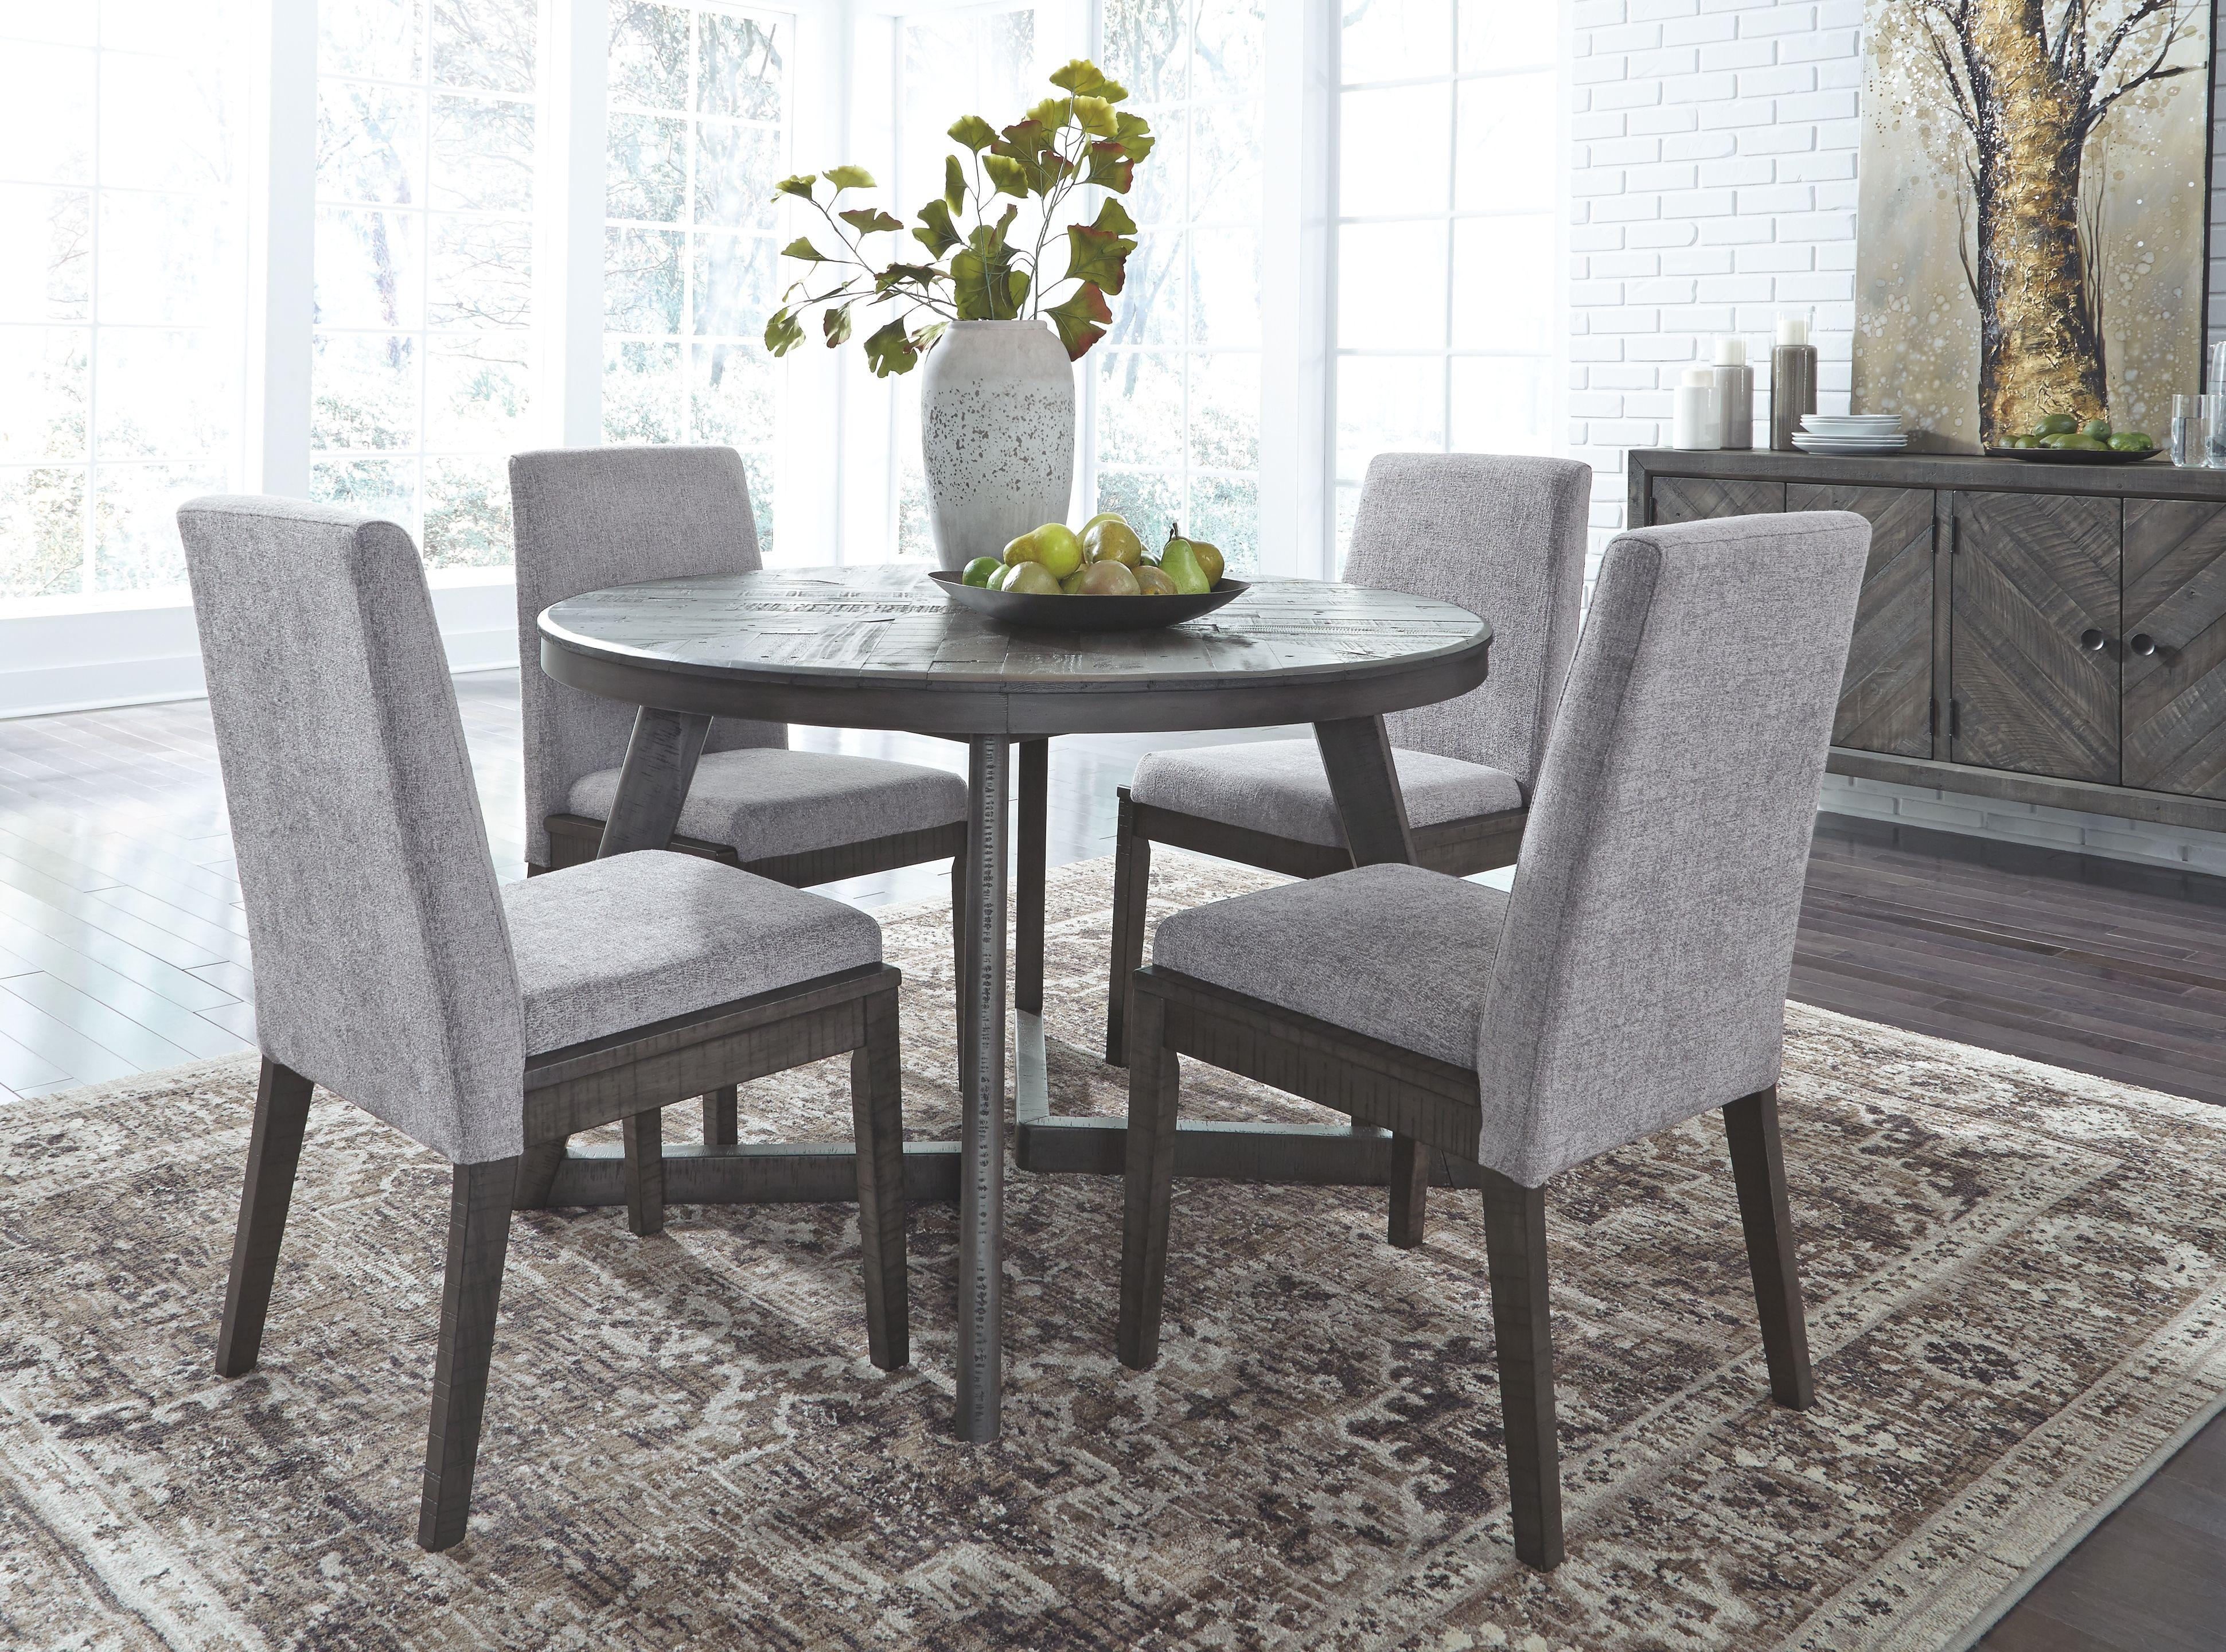 Besteneer Dining Room Chair Set Of 2 Dark Gray Dining Chairs Dining Room Sets Dining Room Table